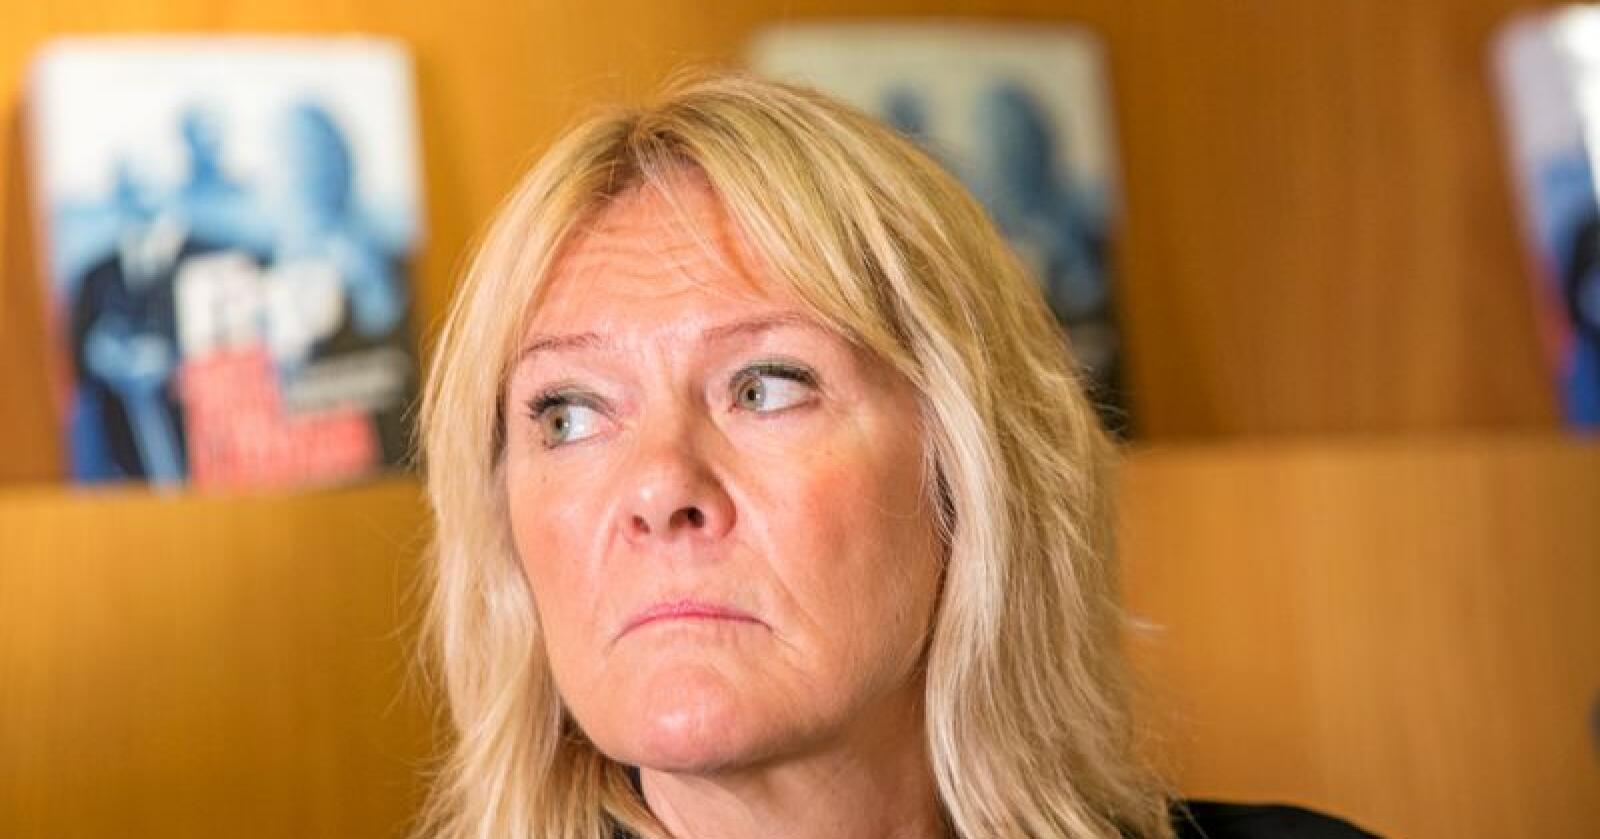 Næringsvennlig: Kristin Clemet hevder venstresiden ikke forstår seg på privat næringsliv. Men hvem er det egentlig som er næringsfientlig i dette landet? Foto: Terje Bendiksby/NTB scanpix